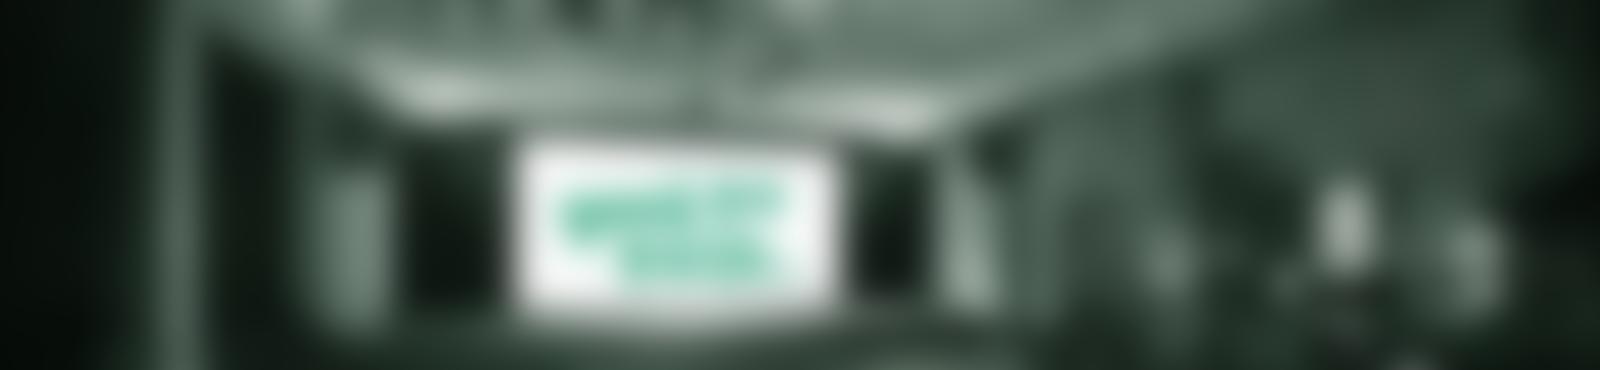 Blurred 0a8302cf d439 4b15 bfbb 441ad4852417